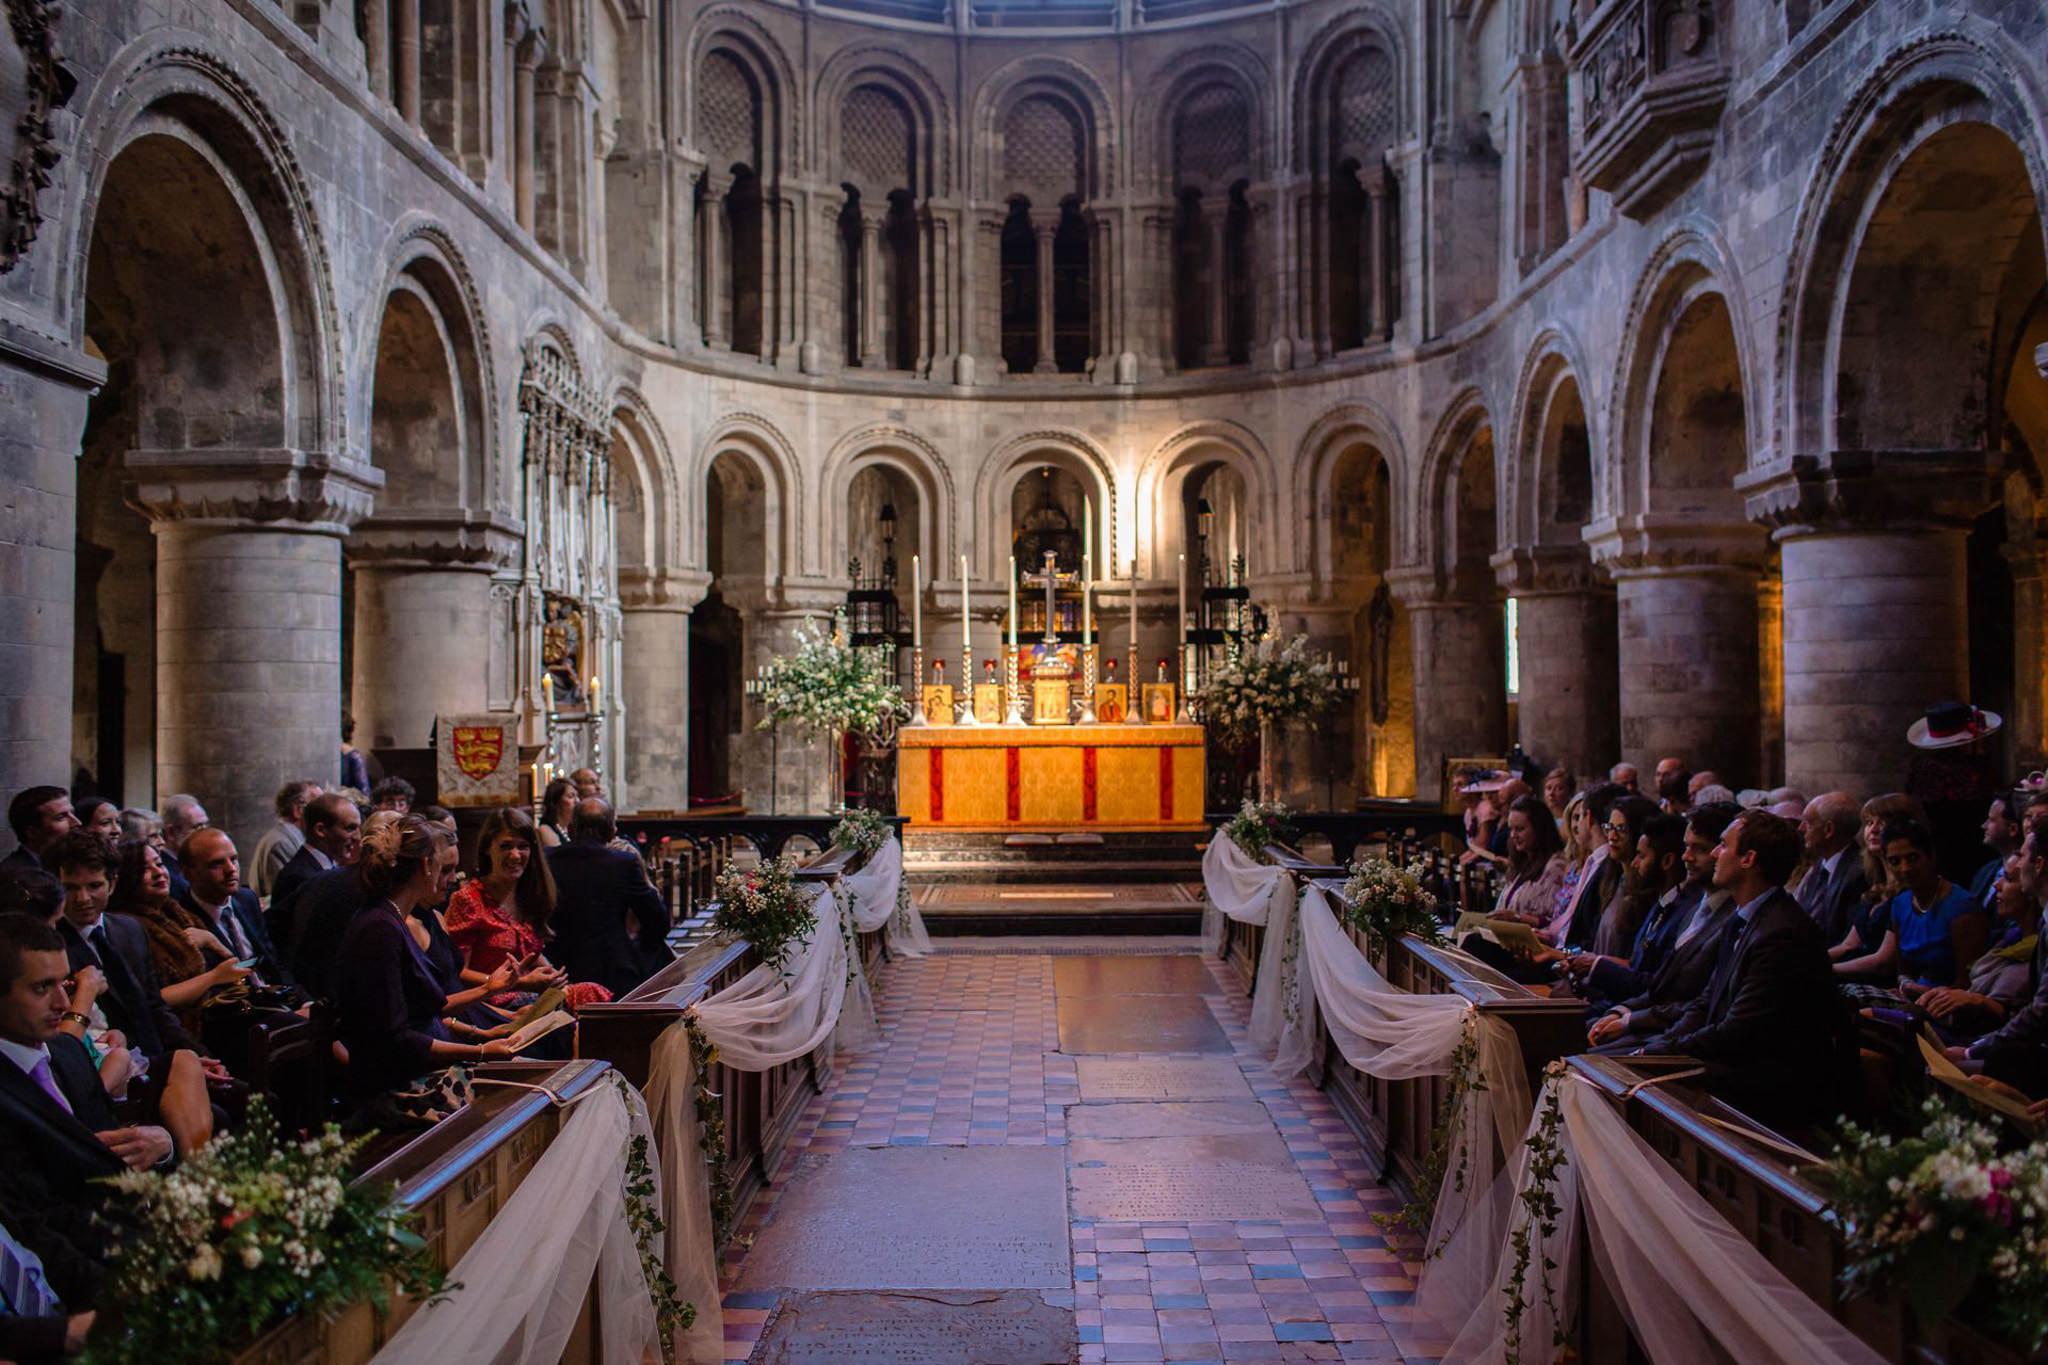 St. Pancras Renaissance hotel wedding church view